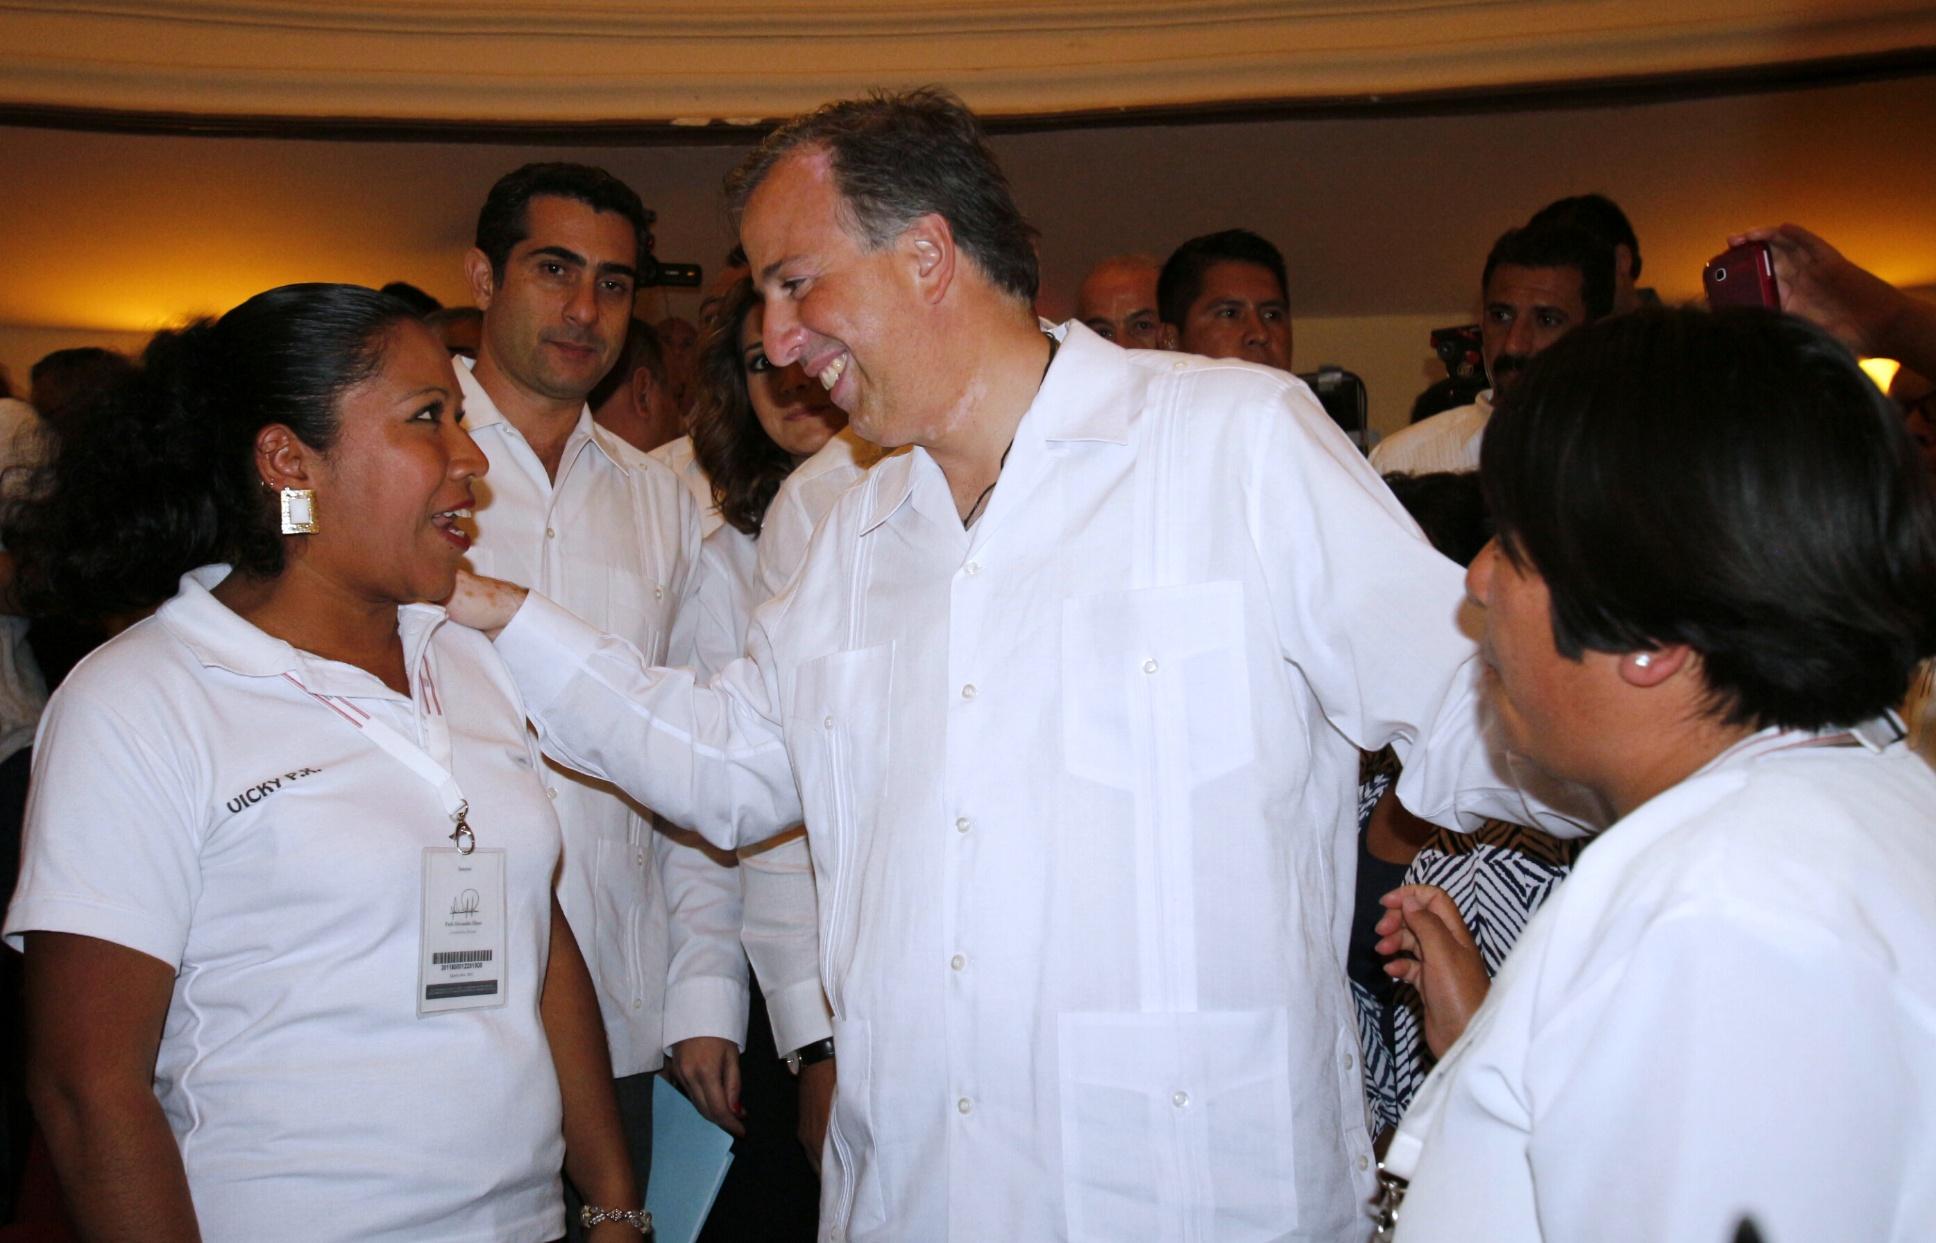 Entrevista al secretario de Desarrollo Social, José Antonio Meade Kuribreña, al término de la visita a las instalaciones de las Asociación Civil Orizaba Propone, AC